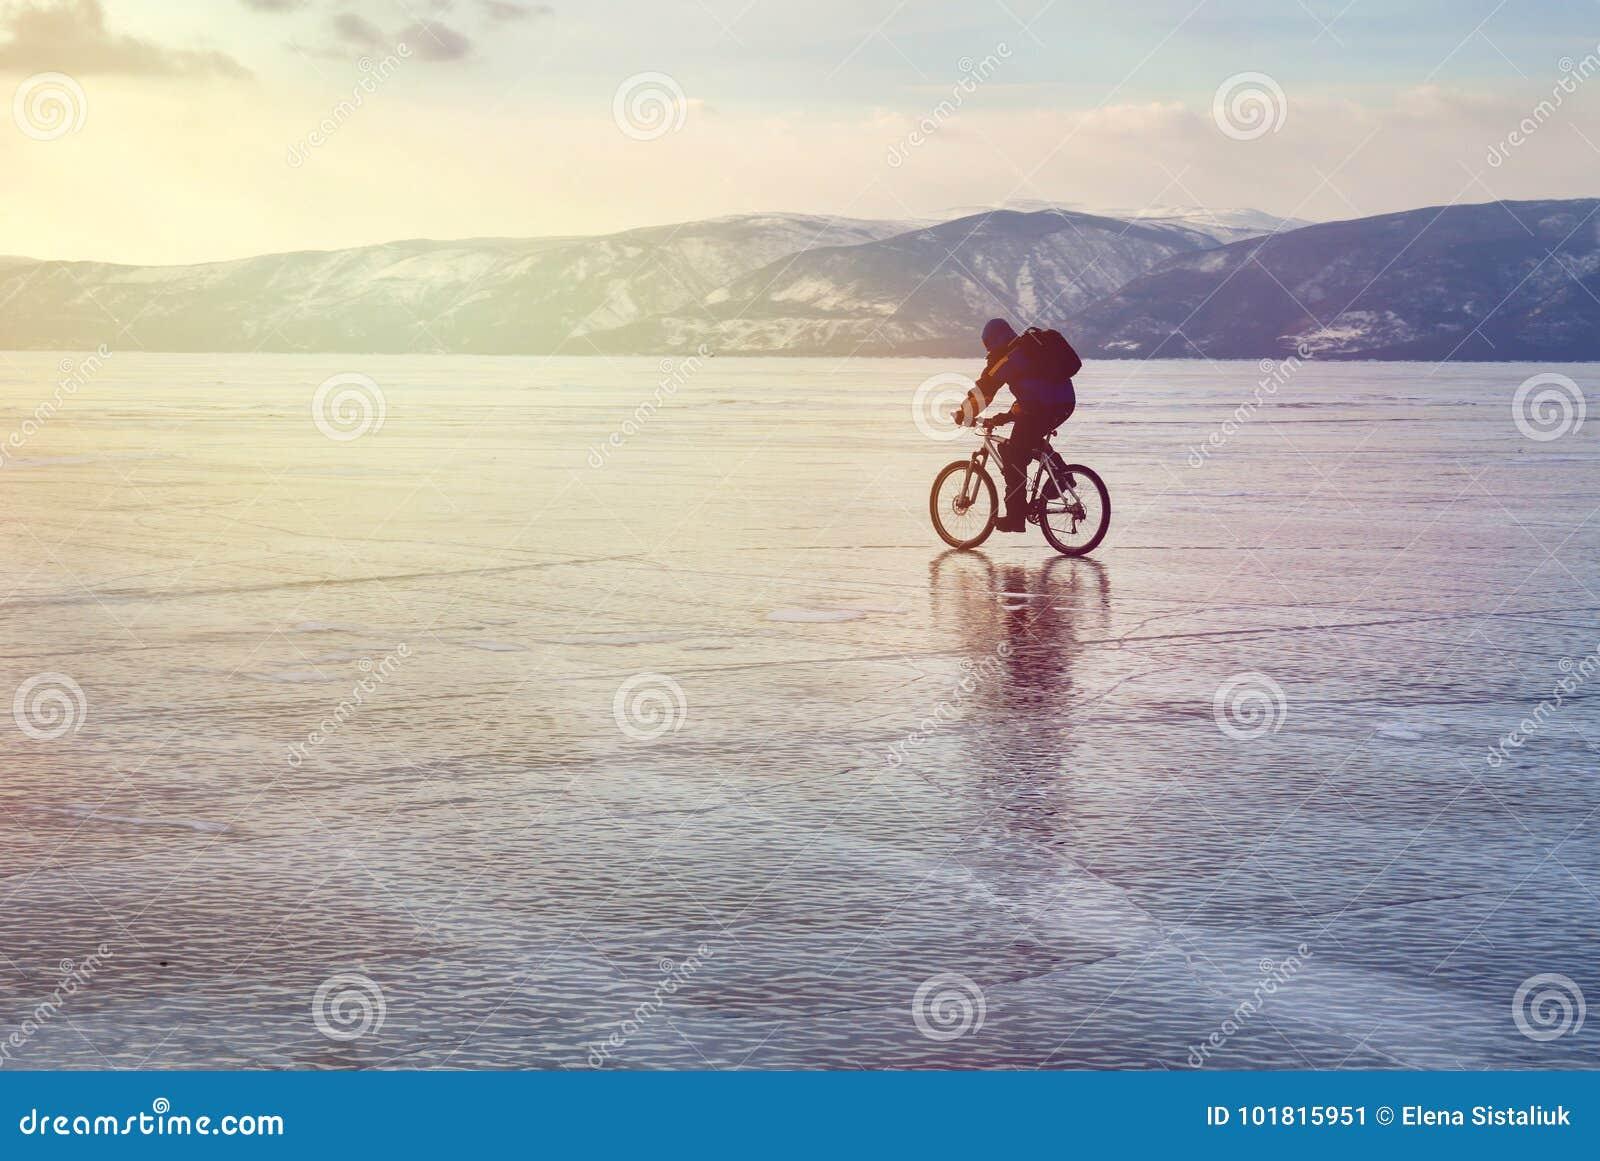 Ghiacci il viaggiatore del motociclista con gli zainhi sulla bici su ghiaccio del lago Baikal Contro lo sfondo del cielo di tramo